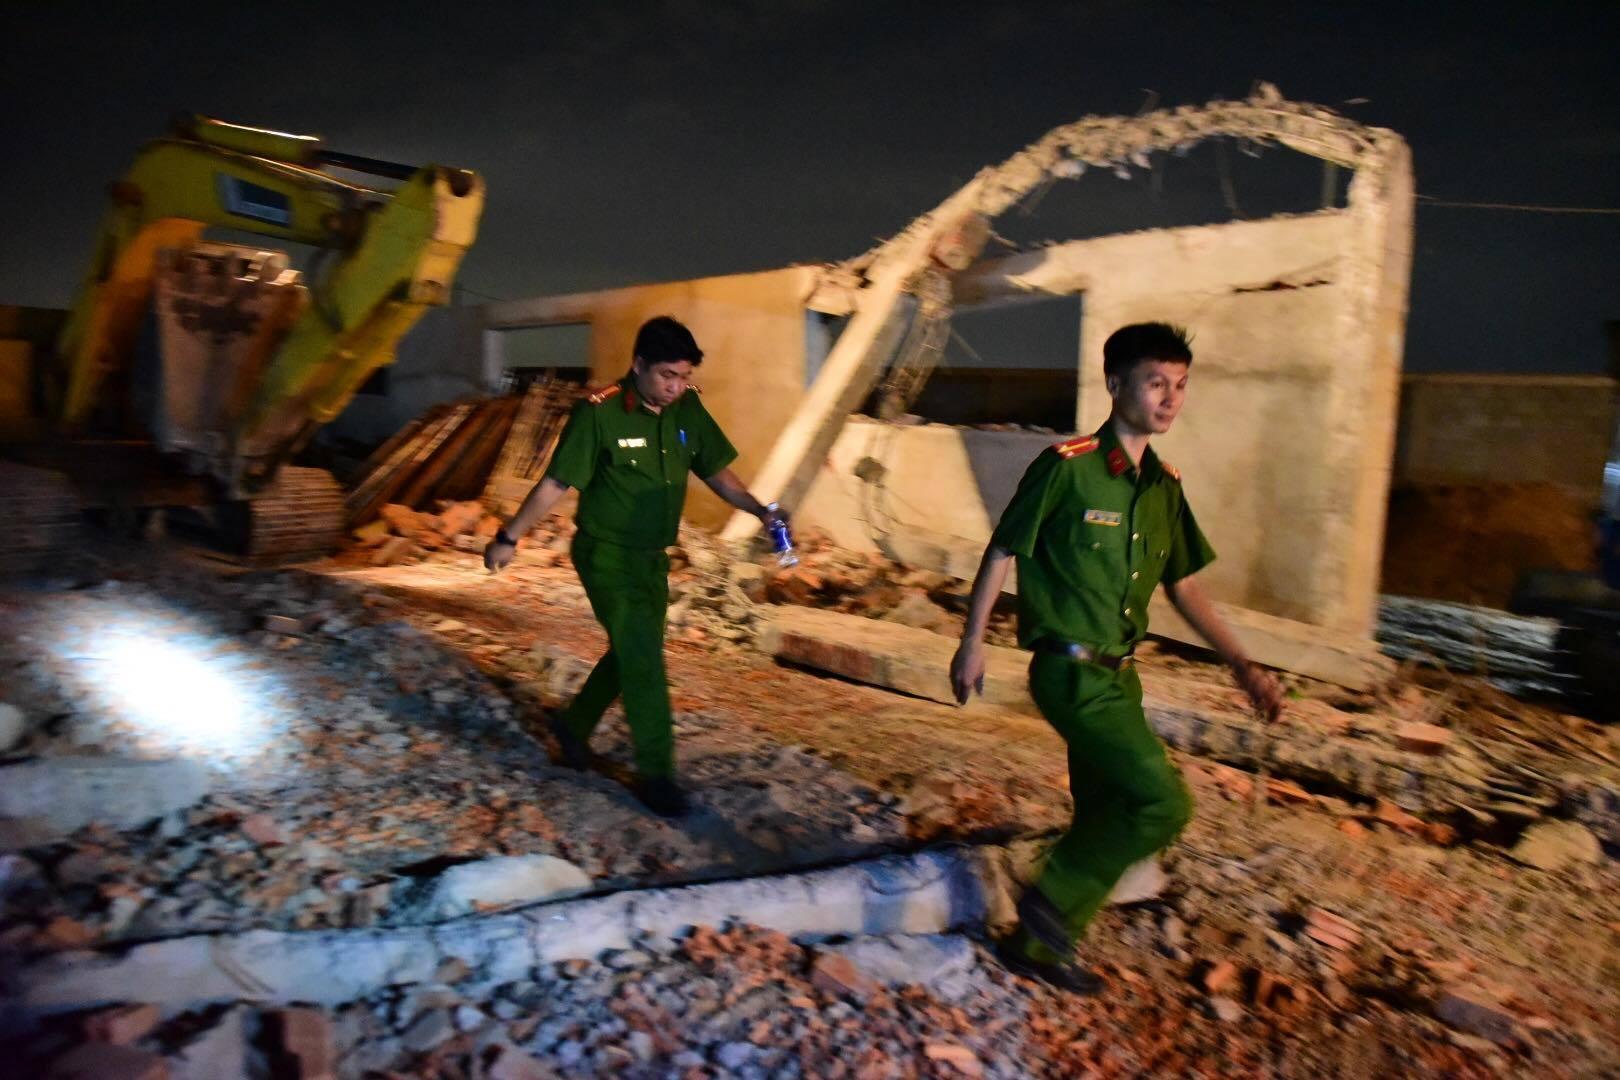 Sập tường chết 10 người, đơn vị thi công nhắc đến cơn gió lốc mạnh